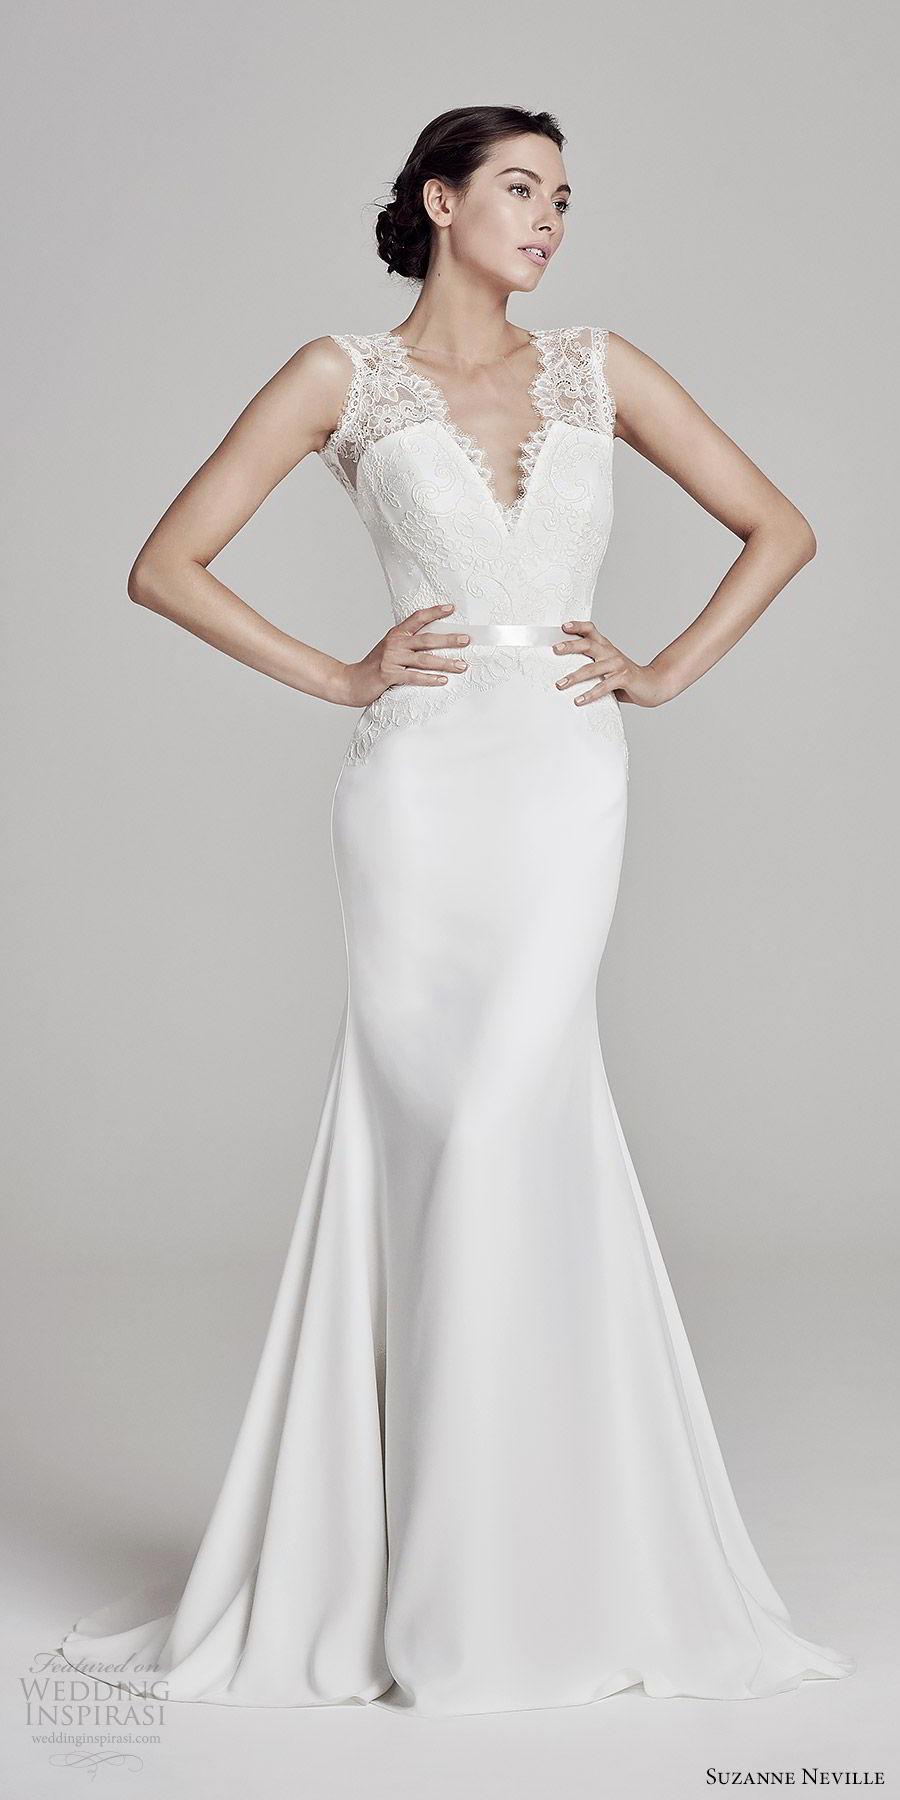 suzanne neville bridal 2019 sleeeless illusion thick straps deep v neck lace bodice sheath wedding dress (antoinetta) elegant vback sweep train mv